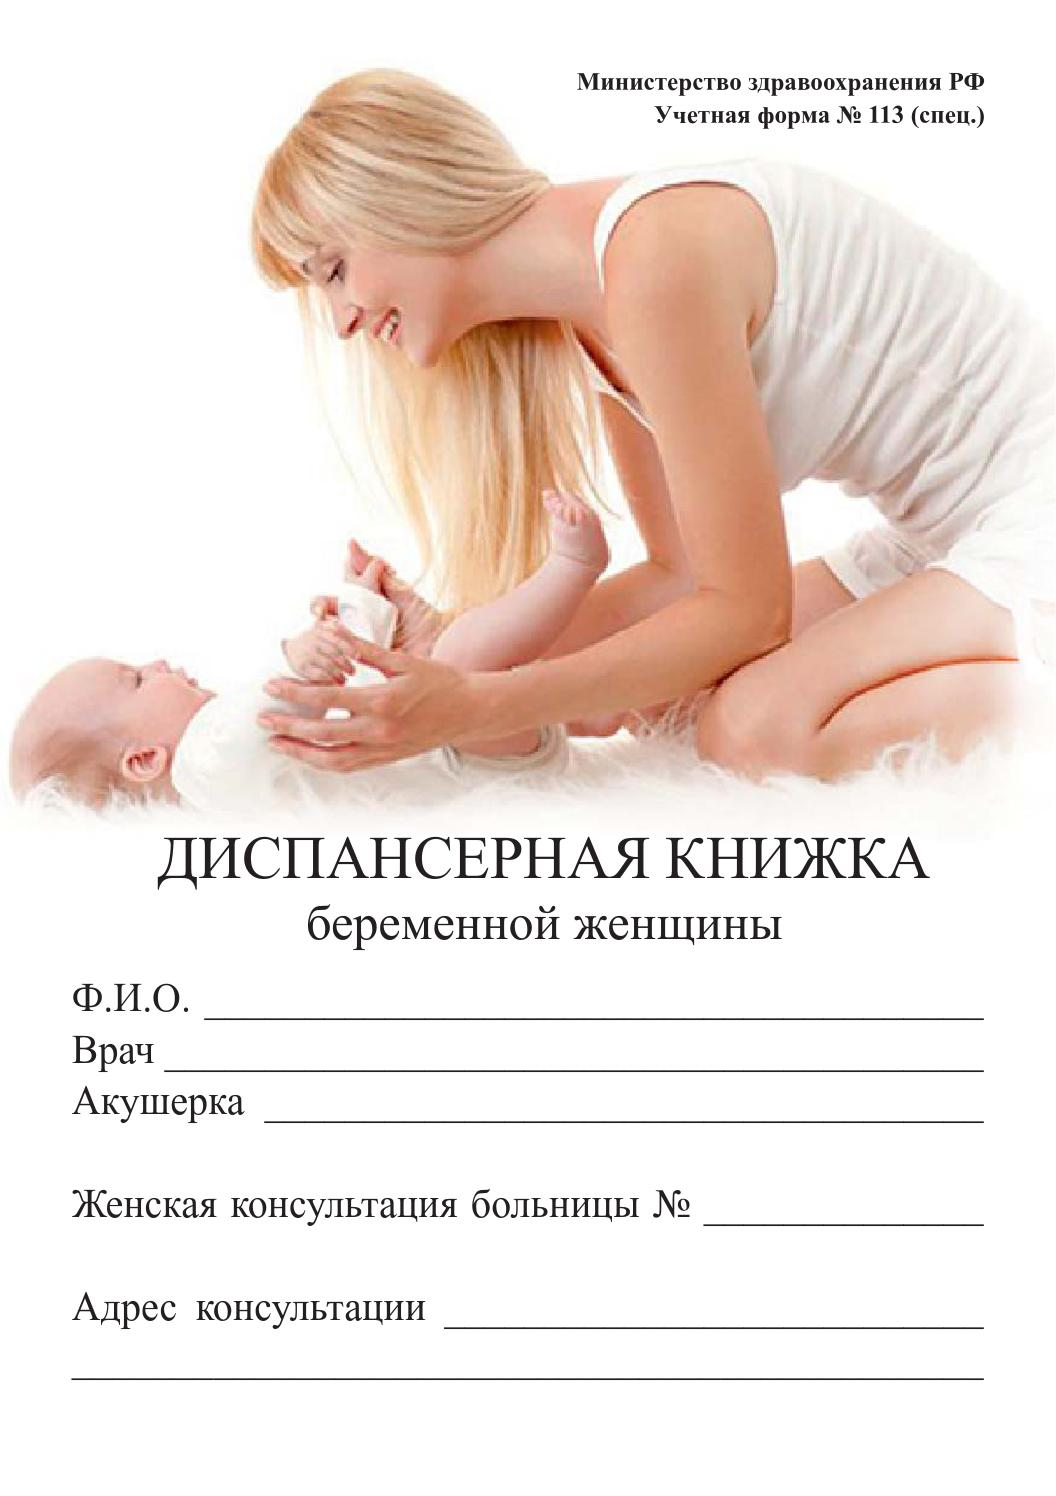 Как оплачивать диспансеризацию беременной 9